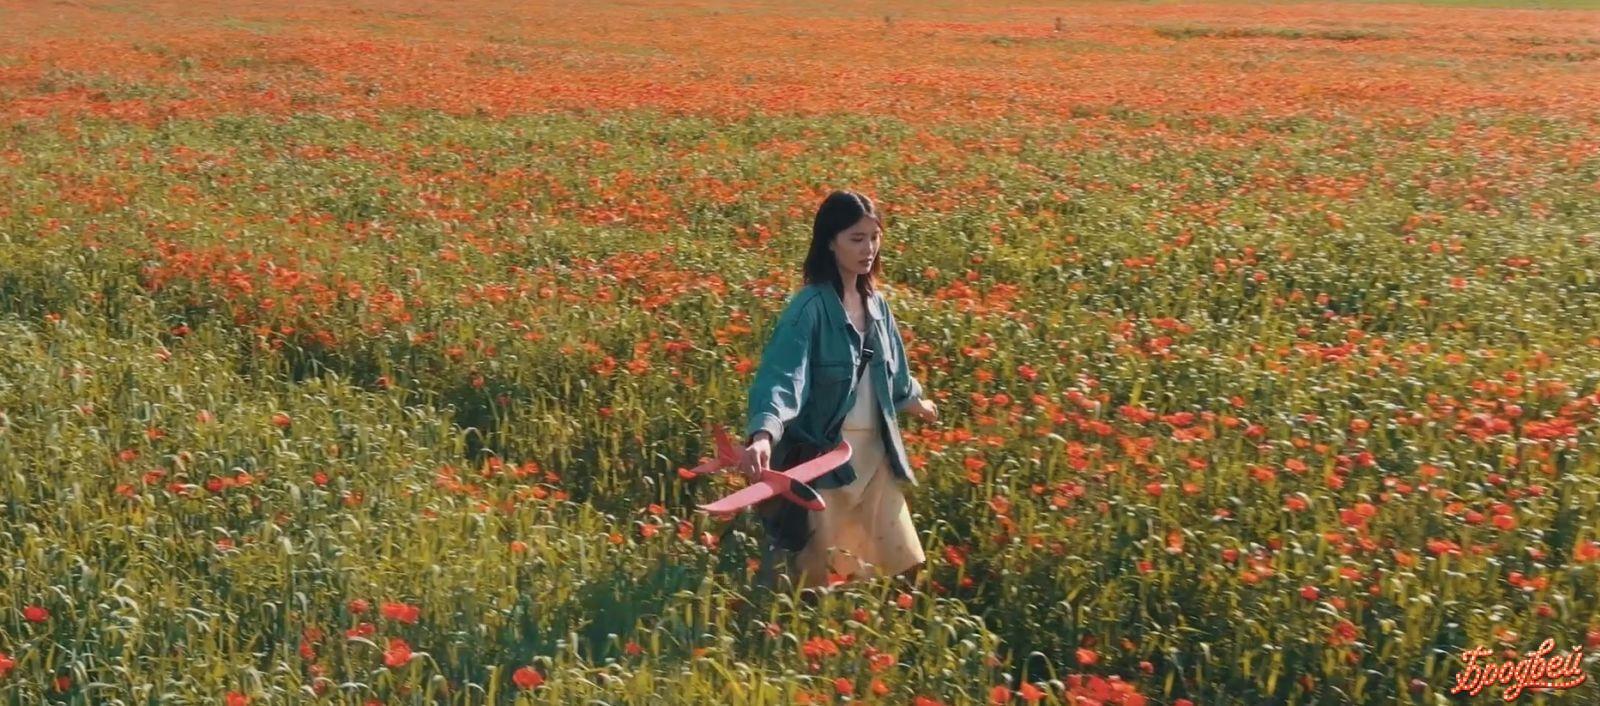 Кадр из фильма «Танго» - Инкар Карим